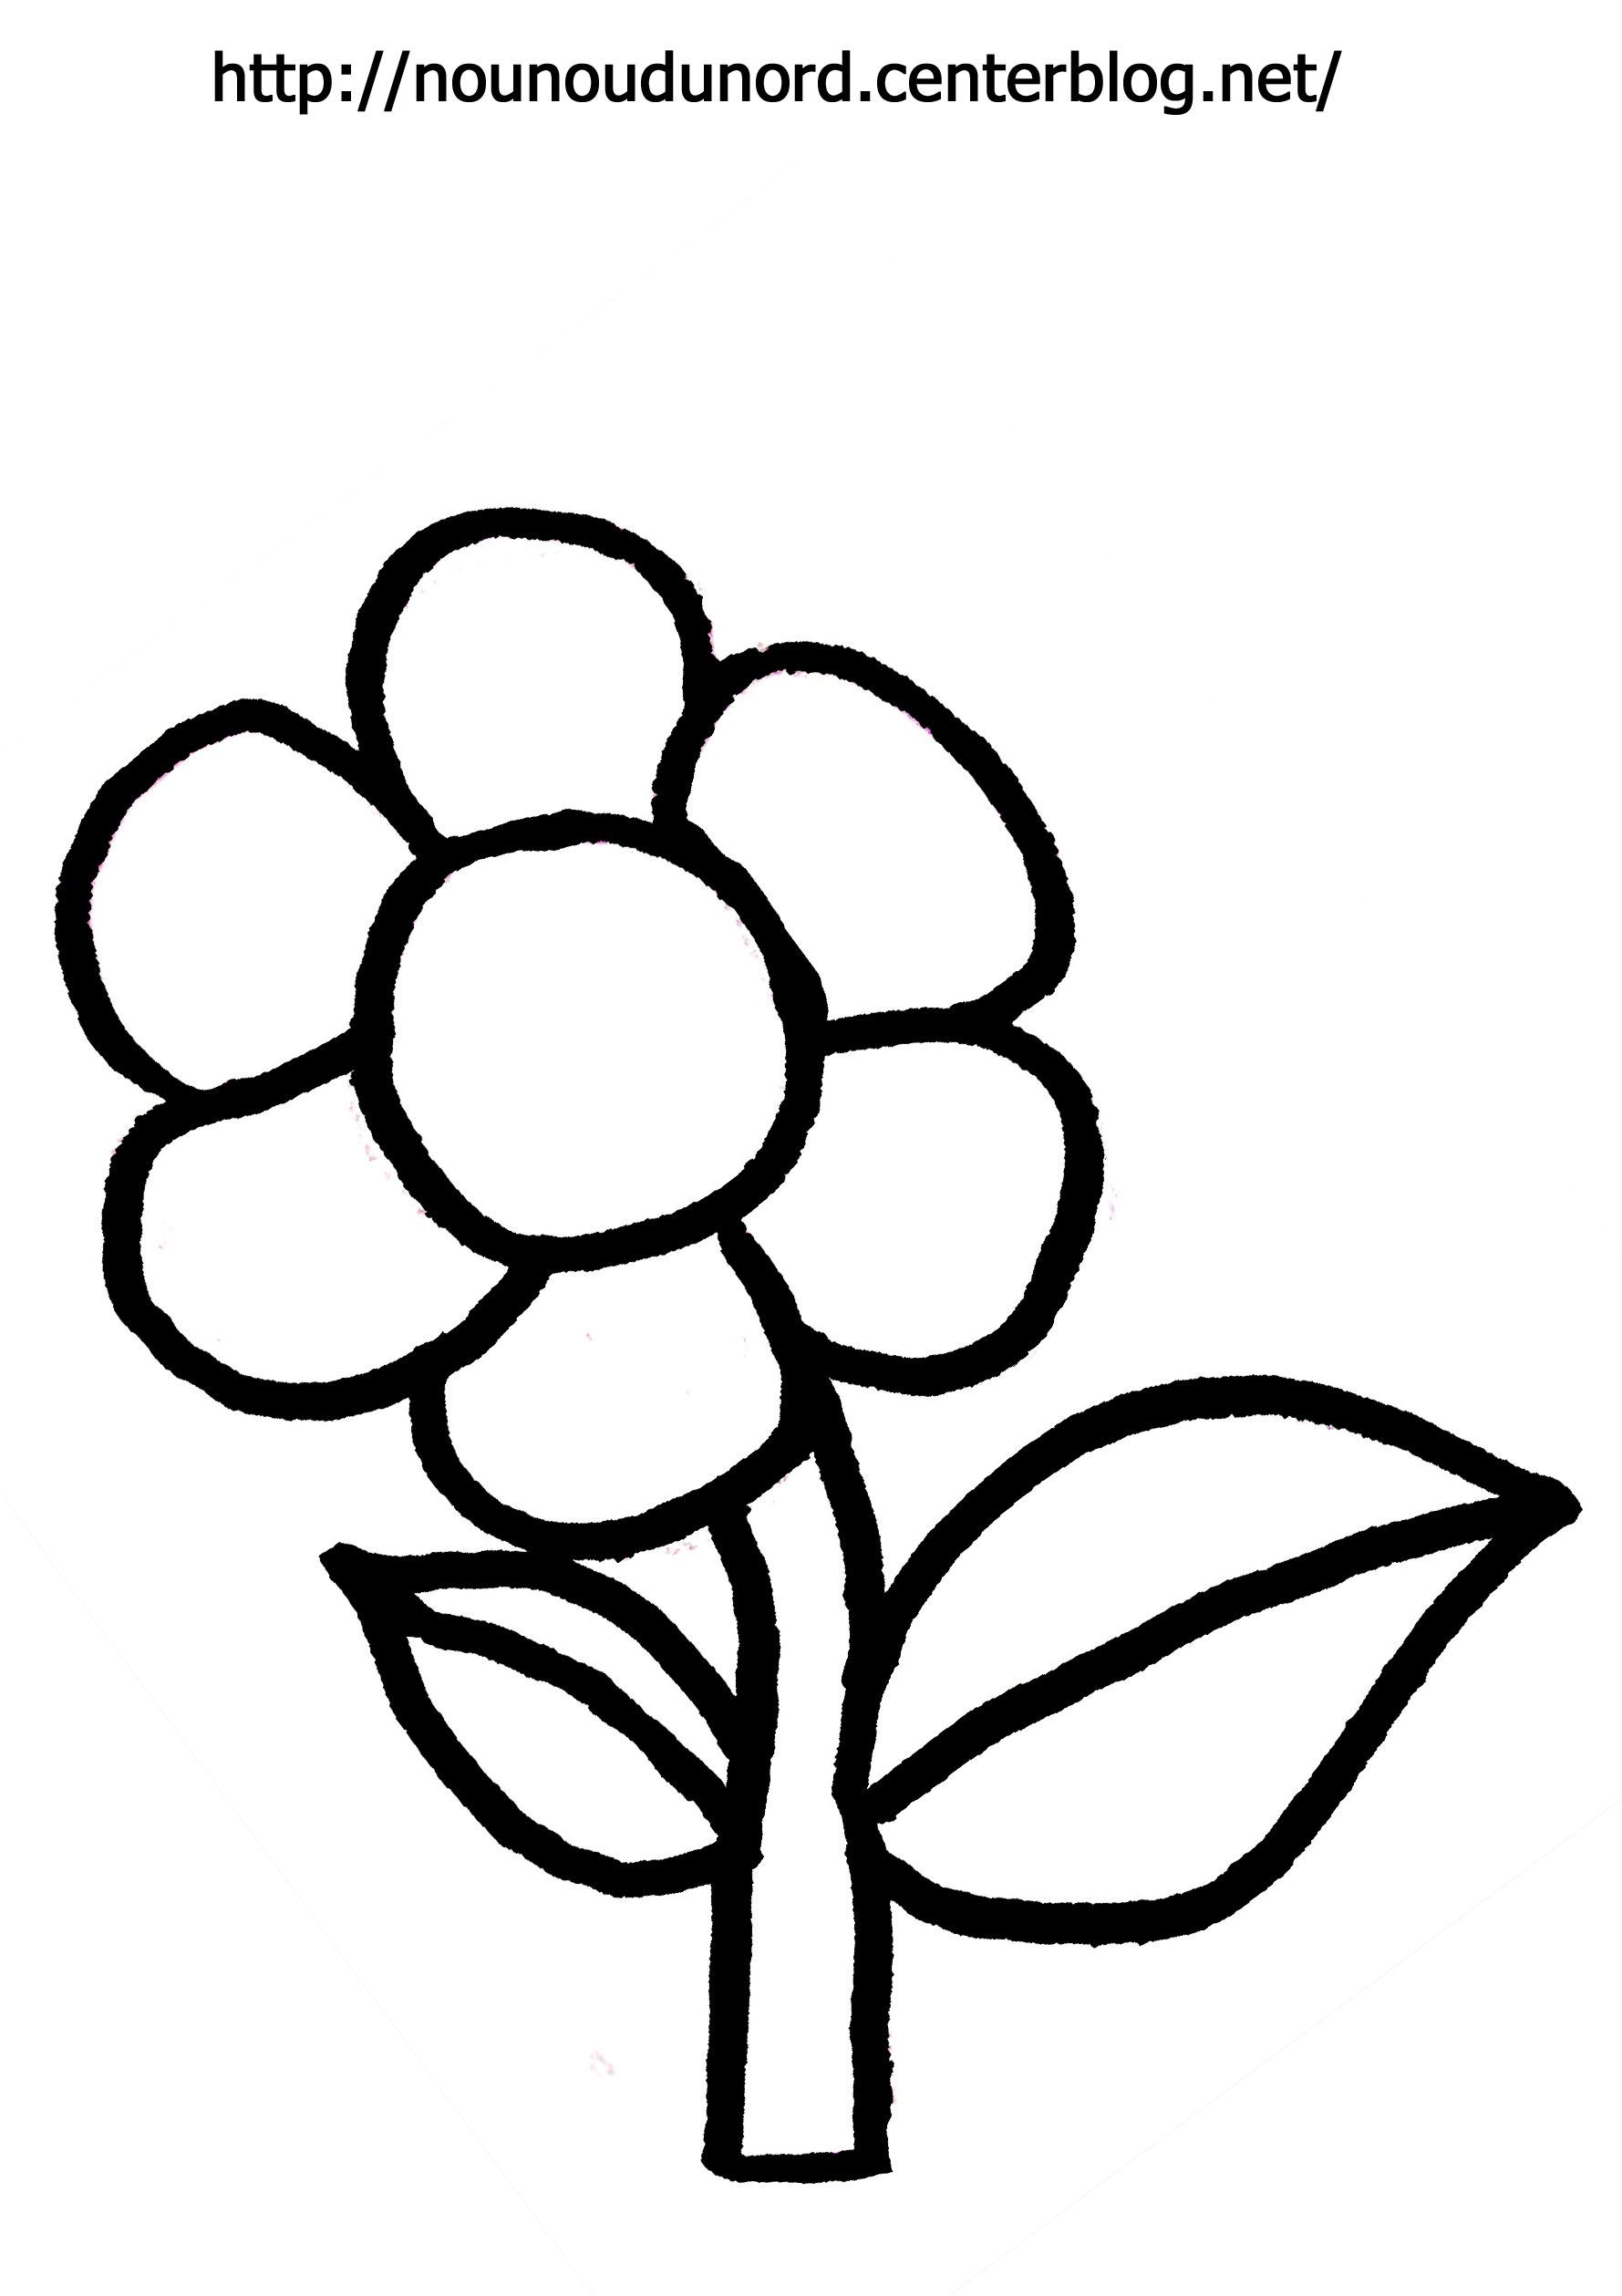 74 dibujos de flores para colorear oh kids page 7 - Une fleur dessin ...